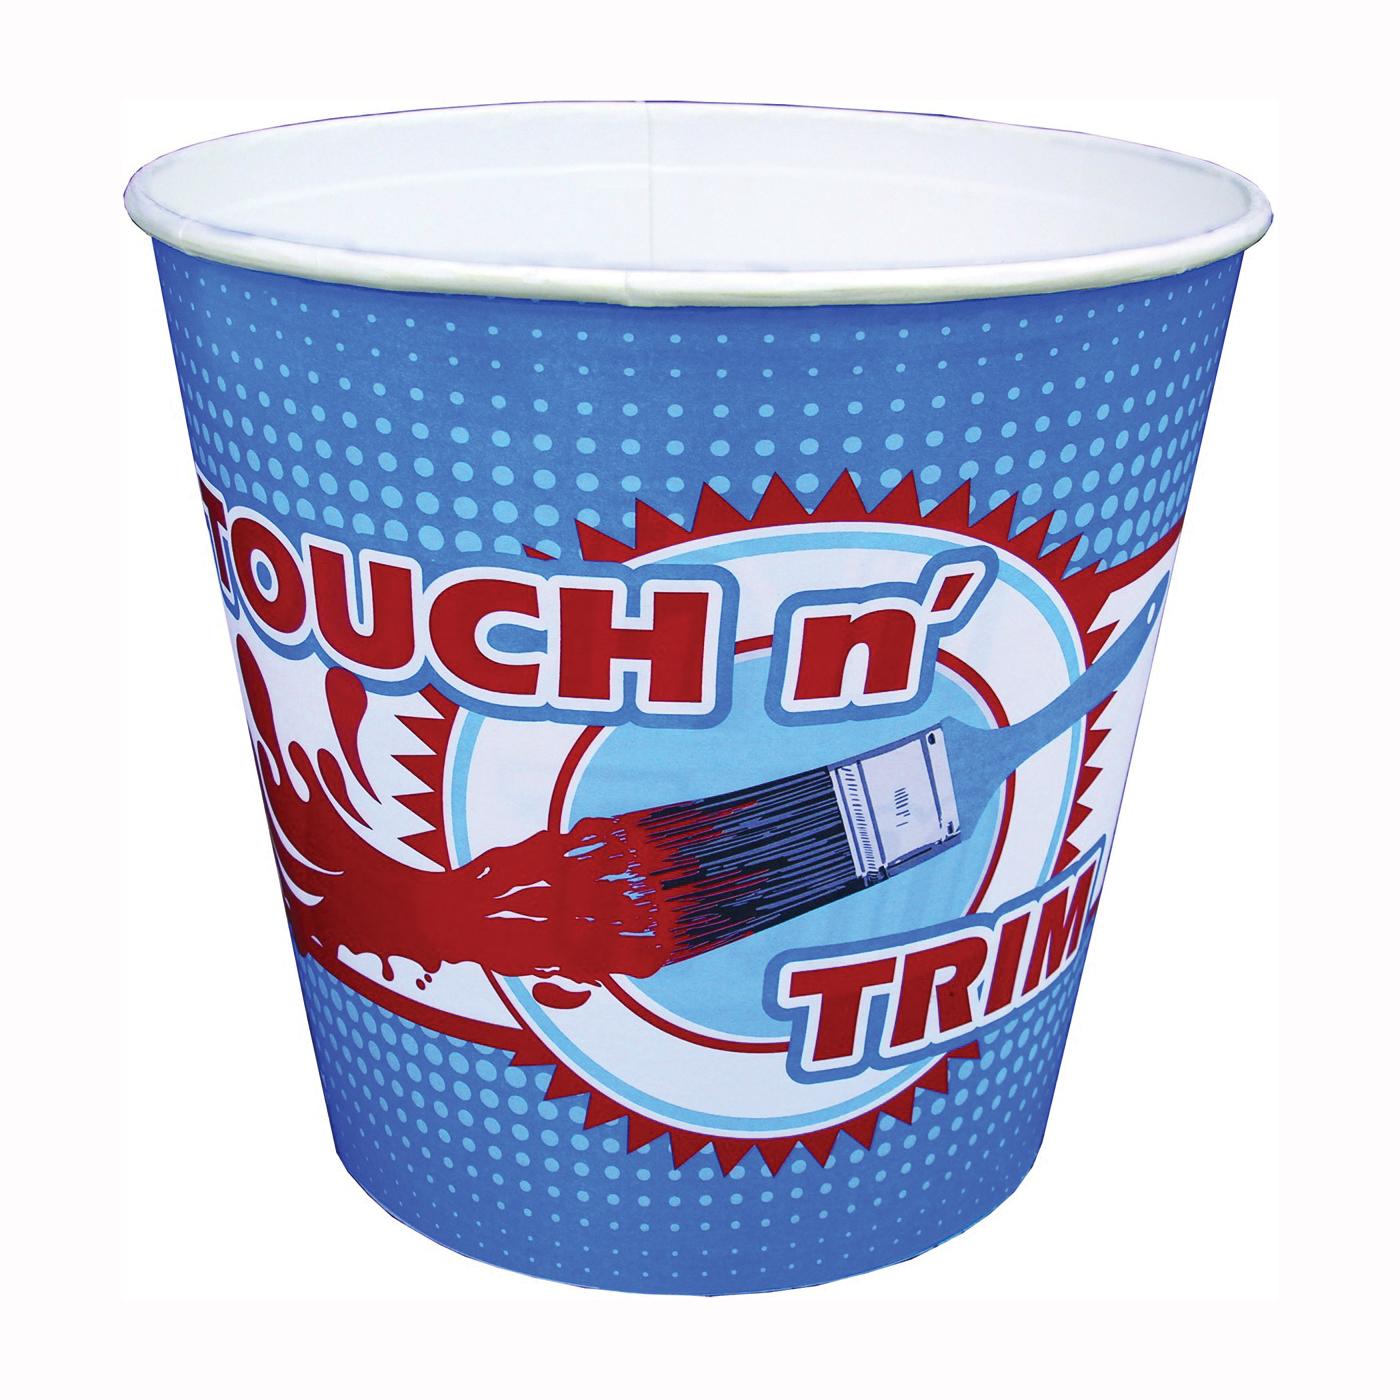 Picture of ENCORE Plastics 10T1 Paint Container, 5 qt Capacity, Paper